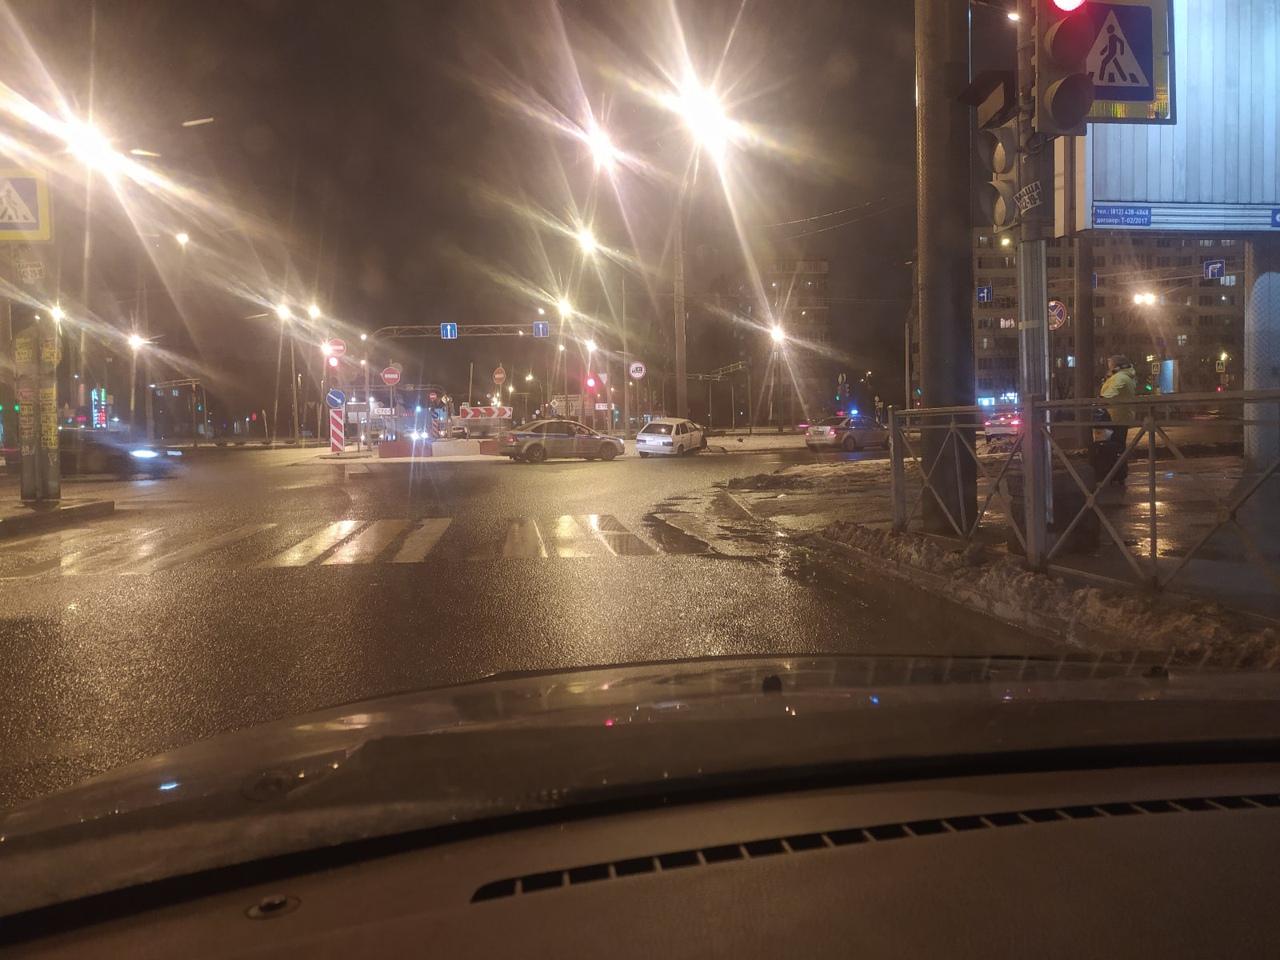 Опять пьяный пытался скрыться от патруля ГИБДД. Не получилось. Авто принял столб на Софийской площад...